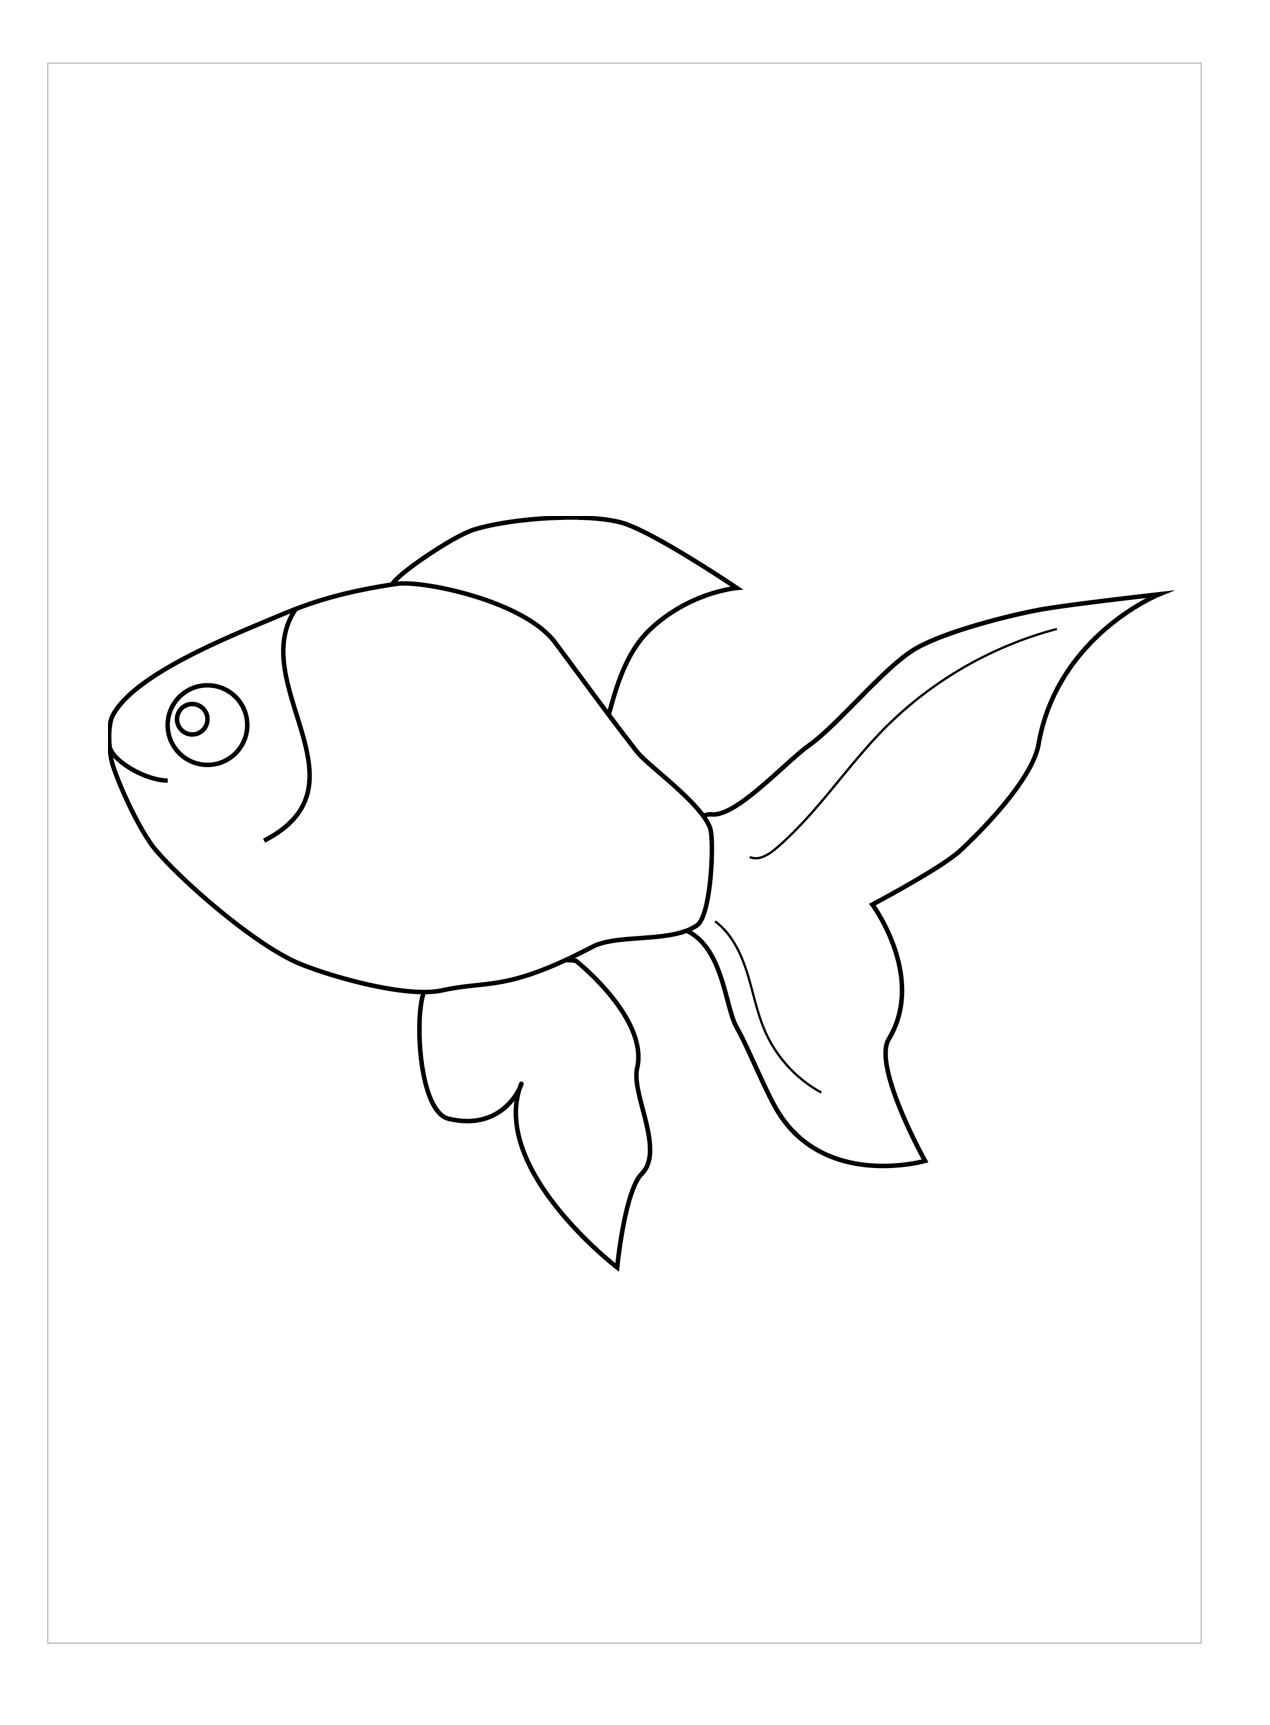 Tranh tô màu chú cá vàng đẹp, dễ thương nhất